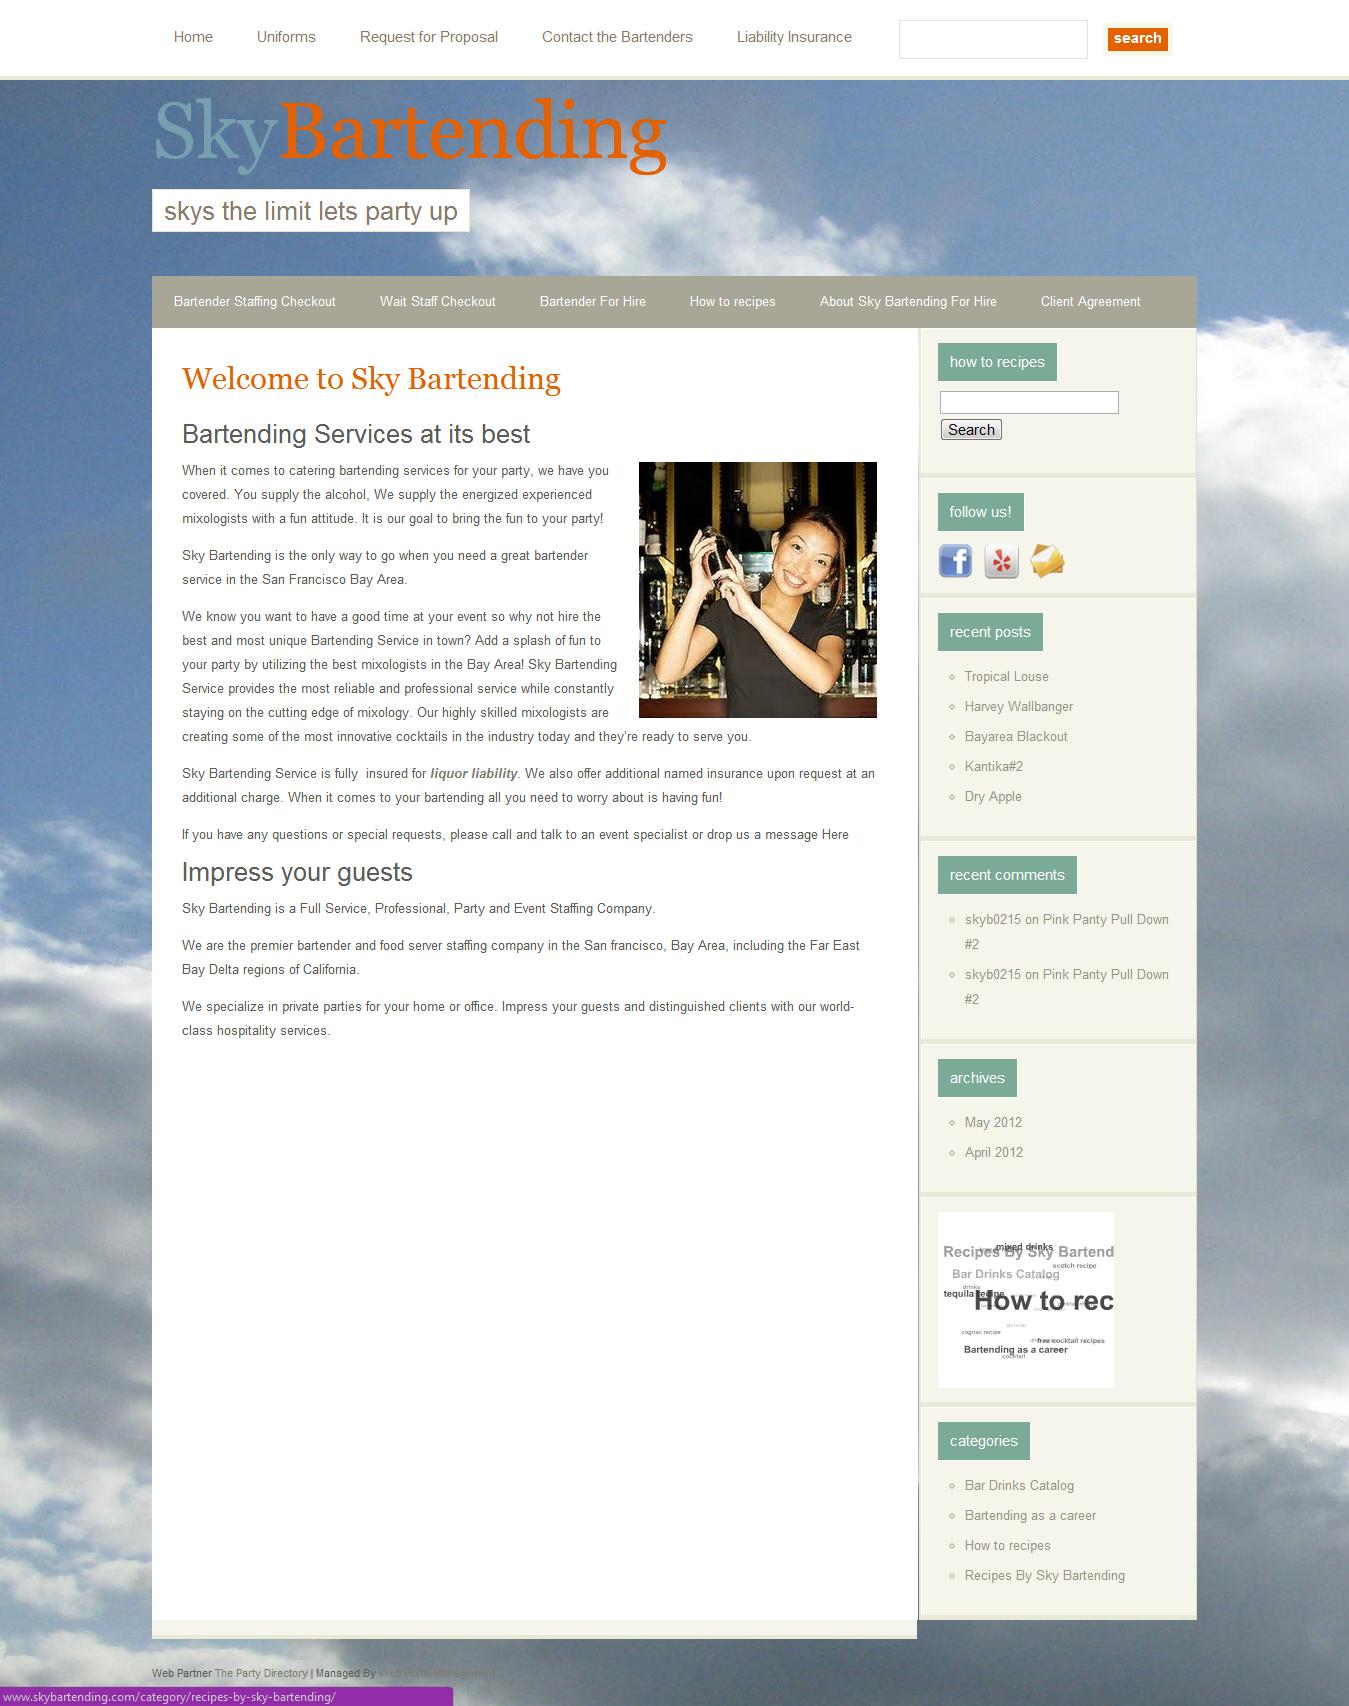 Our Site: Sky Bartending